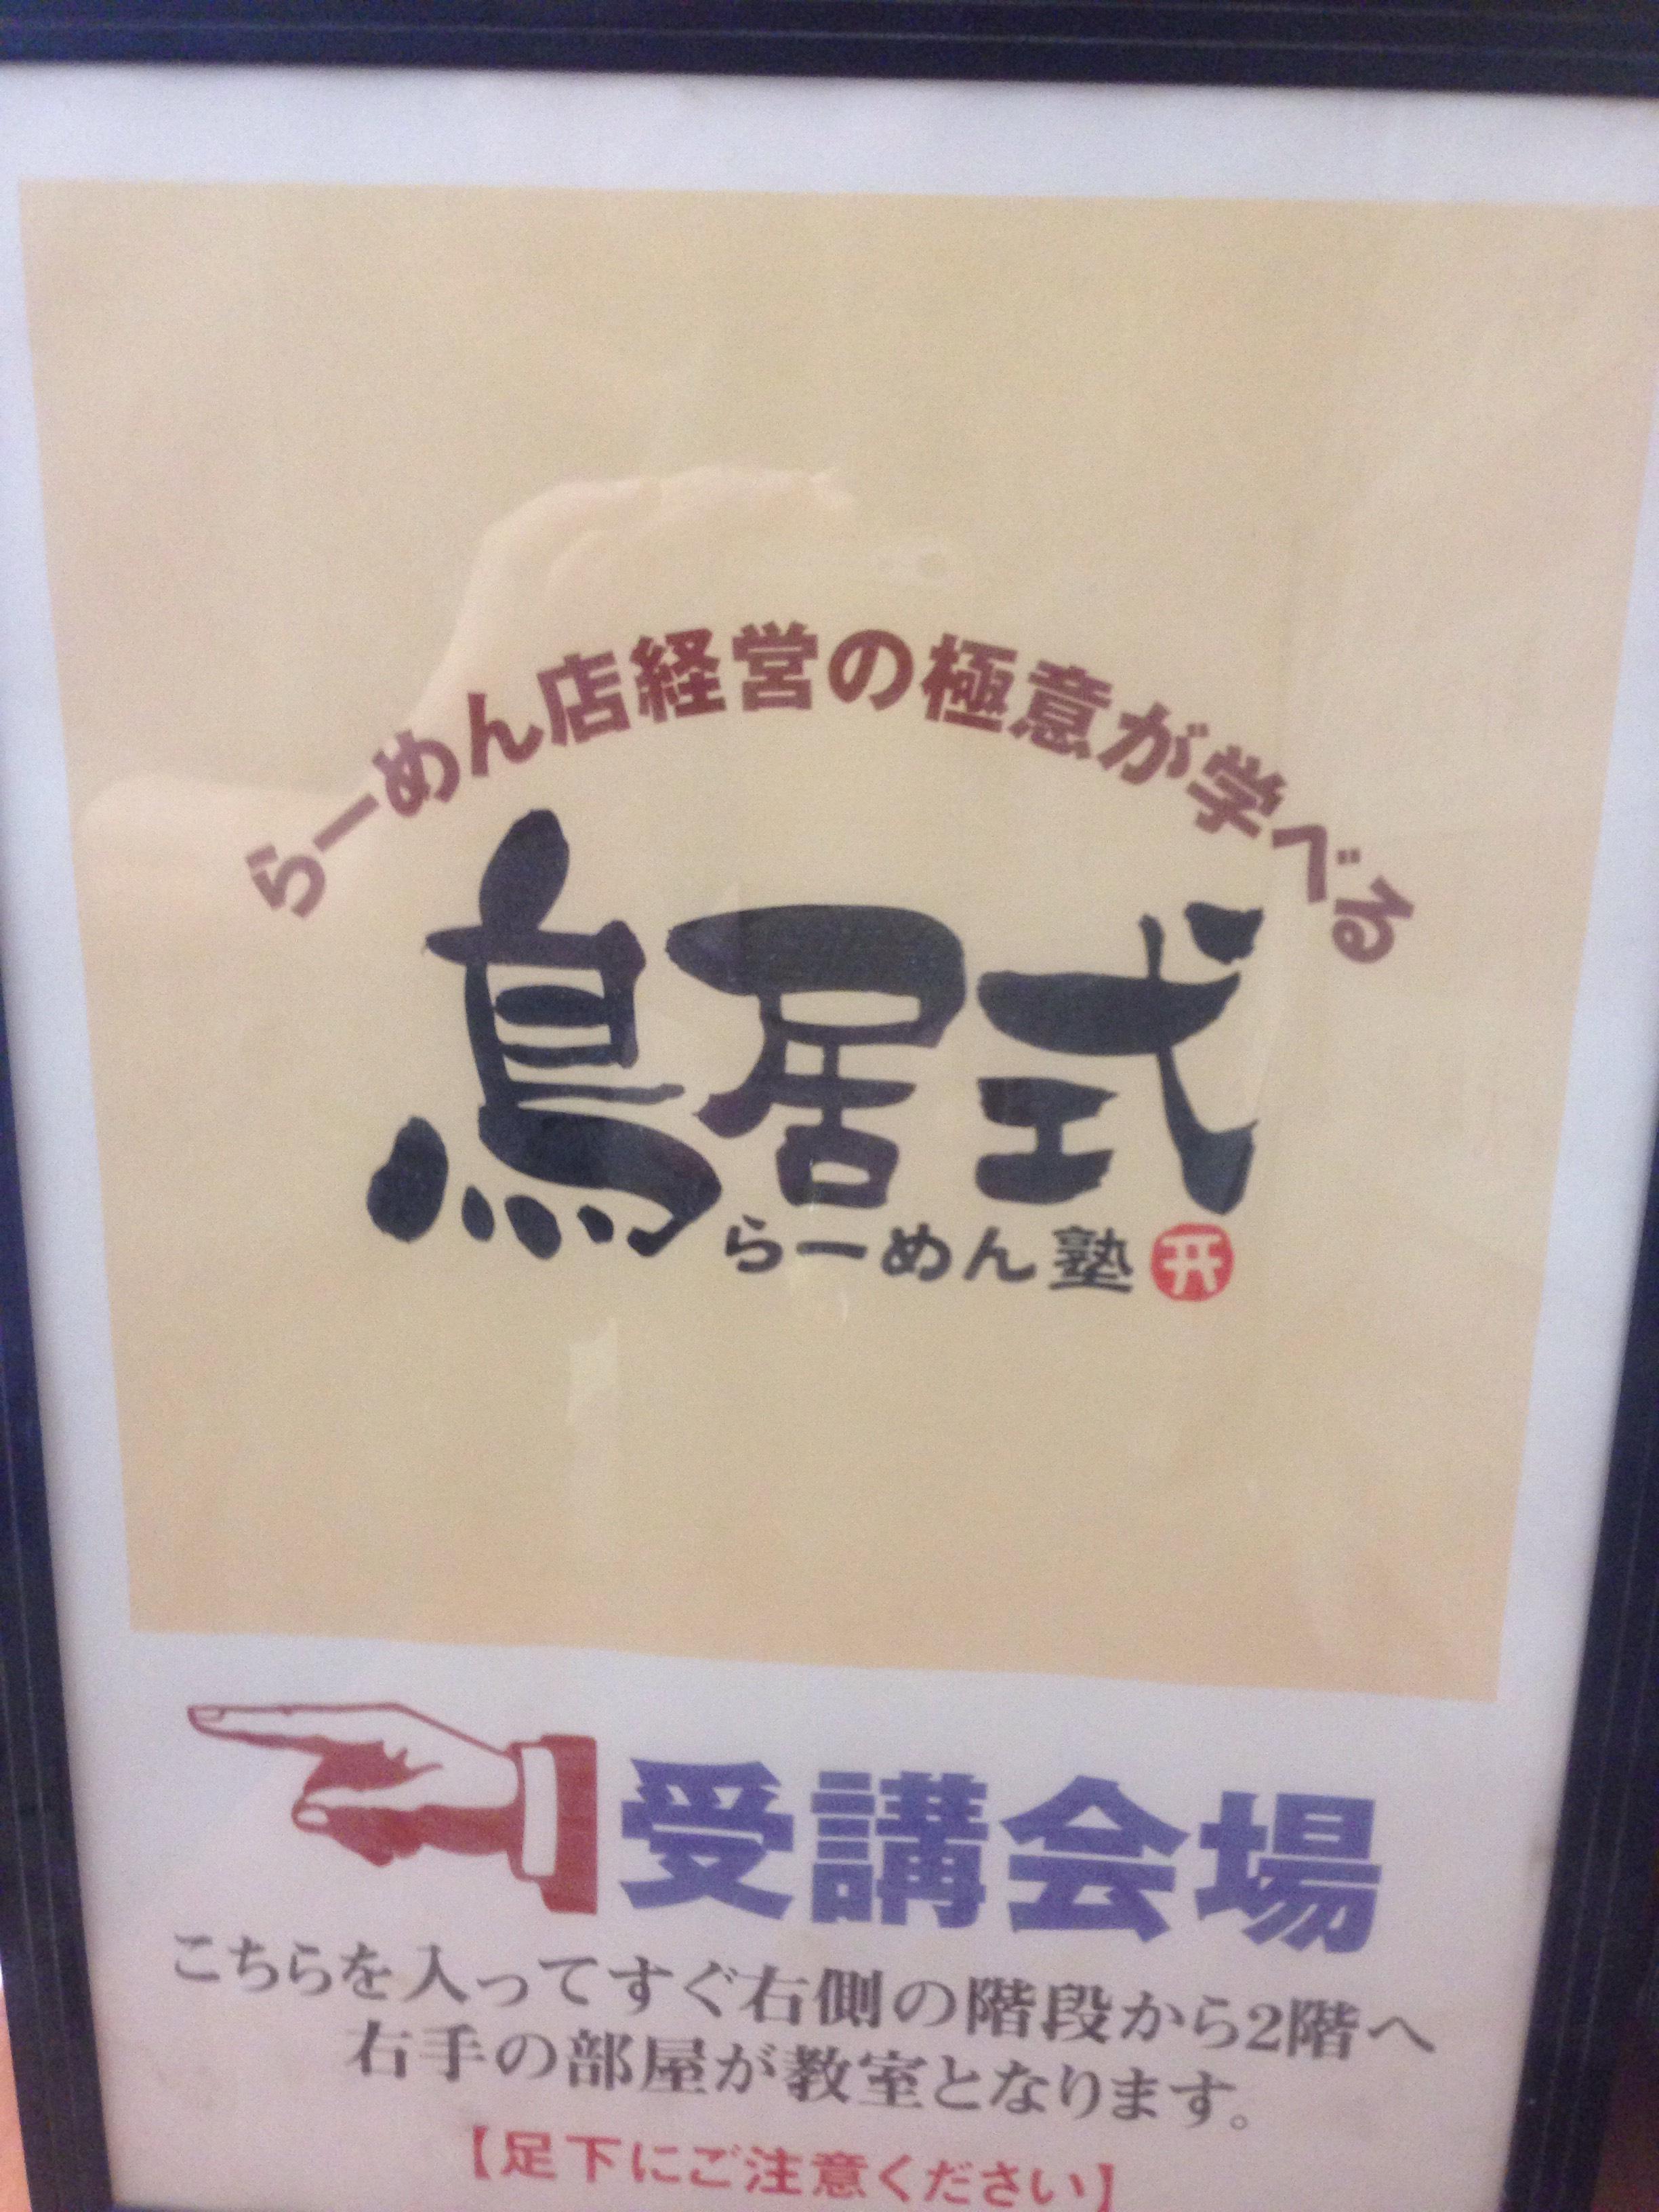 鳥居式らーめん塾 案内板@東京都中野区新井2−20−9 鳥居式らーめん塾